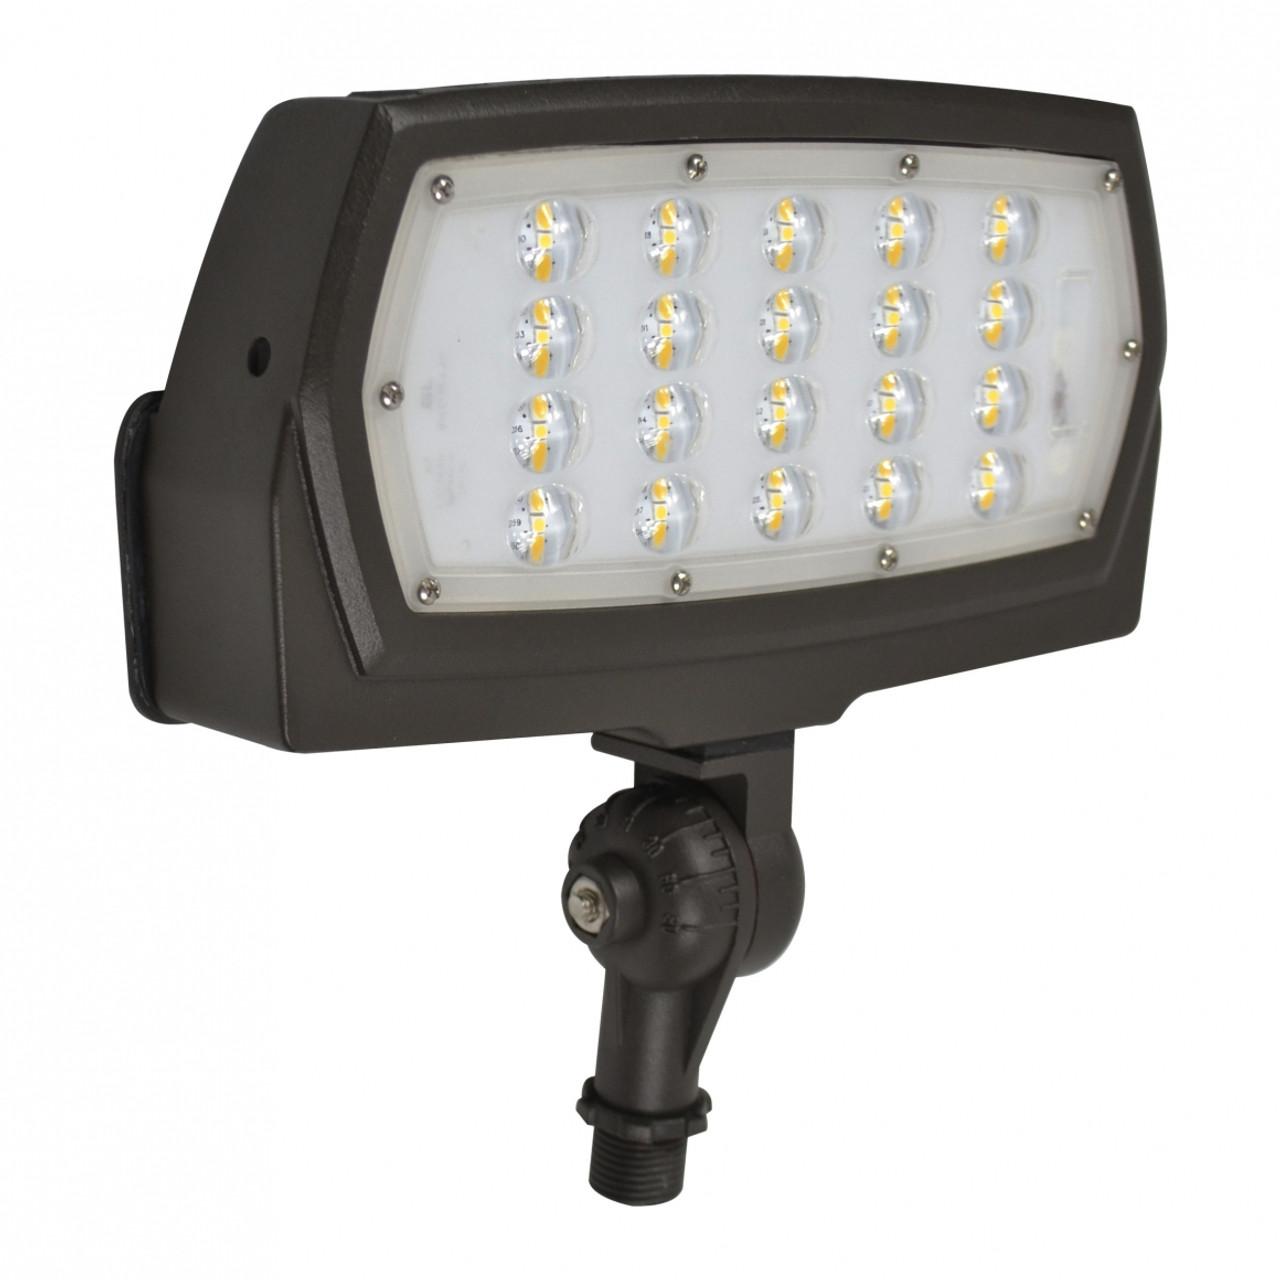 LED Slim Line Flood Light with Knuckle Mount